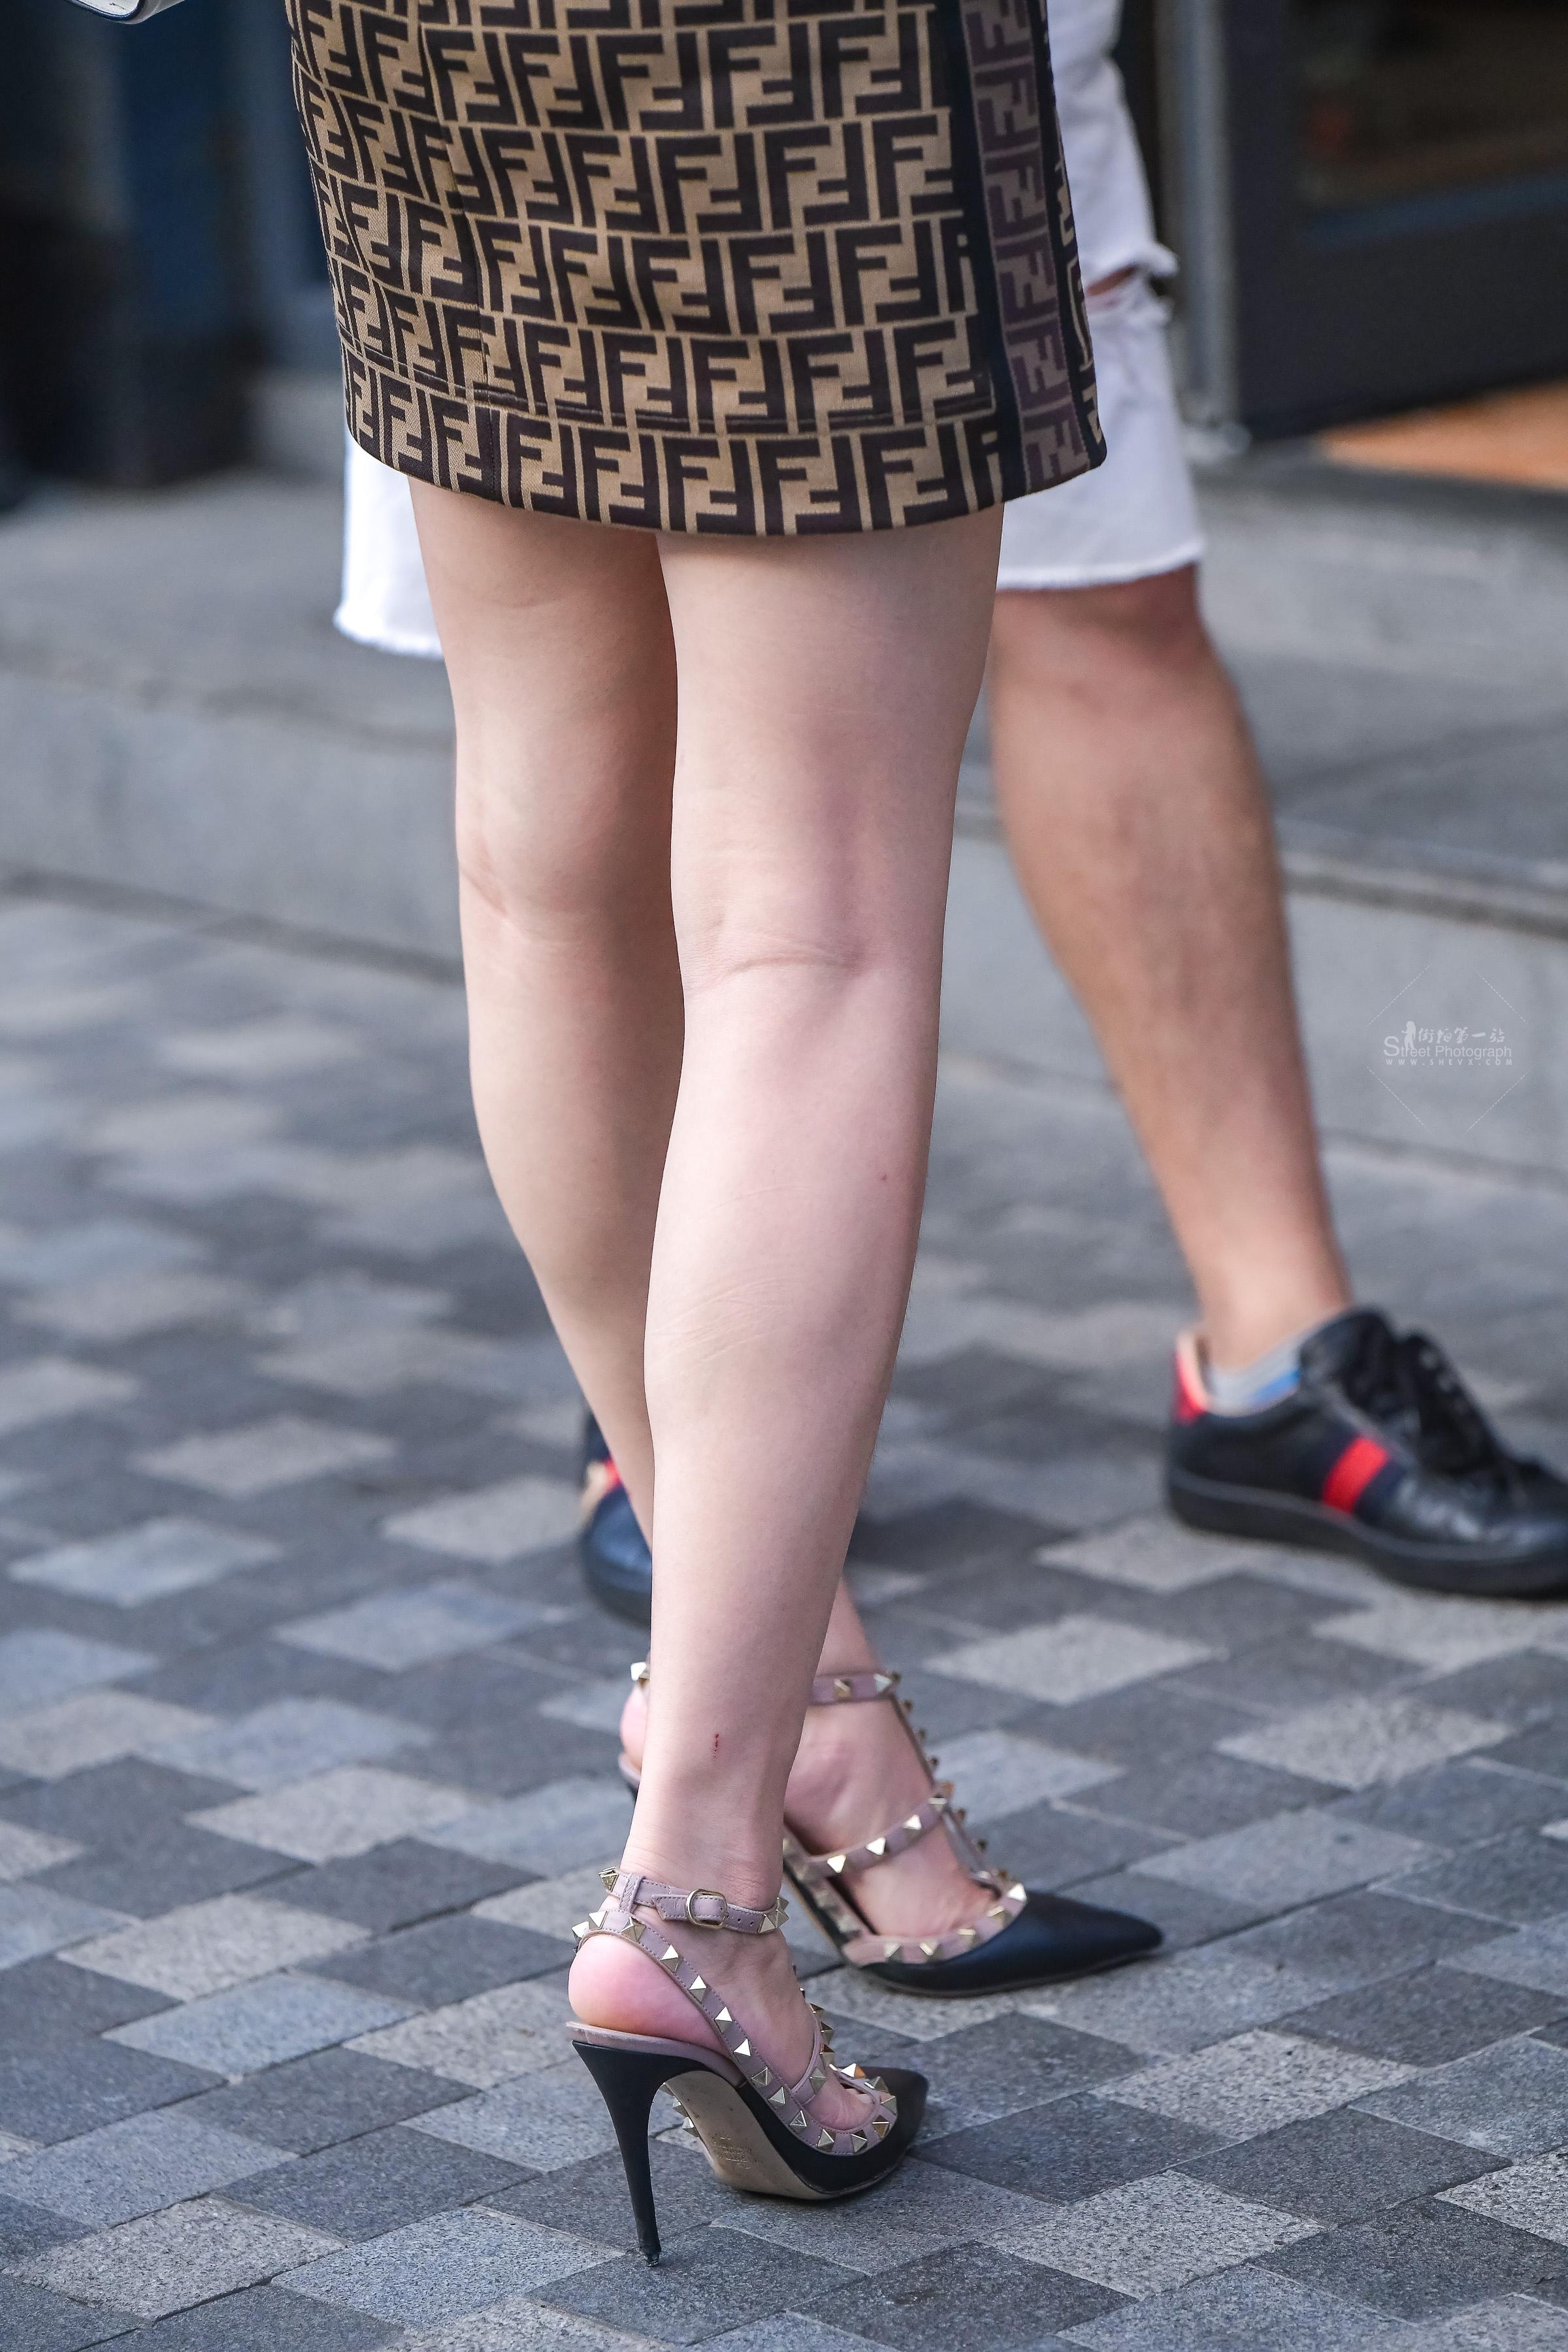 街拍高跟,街拍长腿美女,街拍长腿,街拍美女 白白的时尚 高跟大长腿美女 最新街拍丝袜图片 街拍丝袜第一站